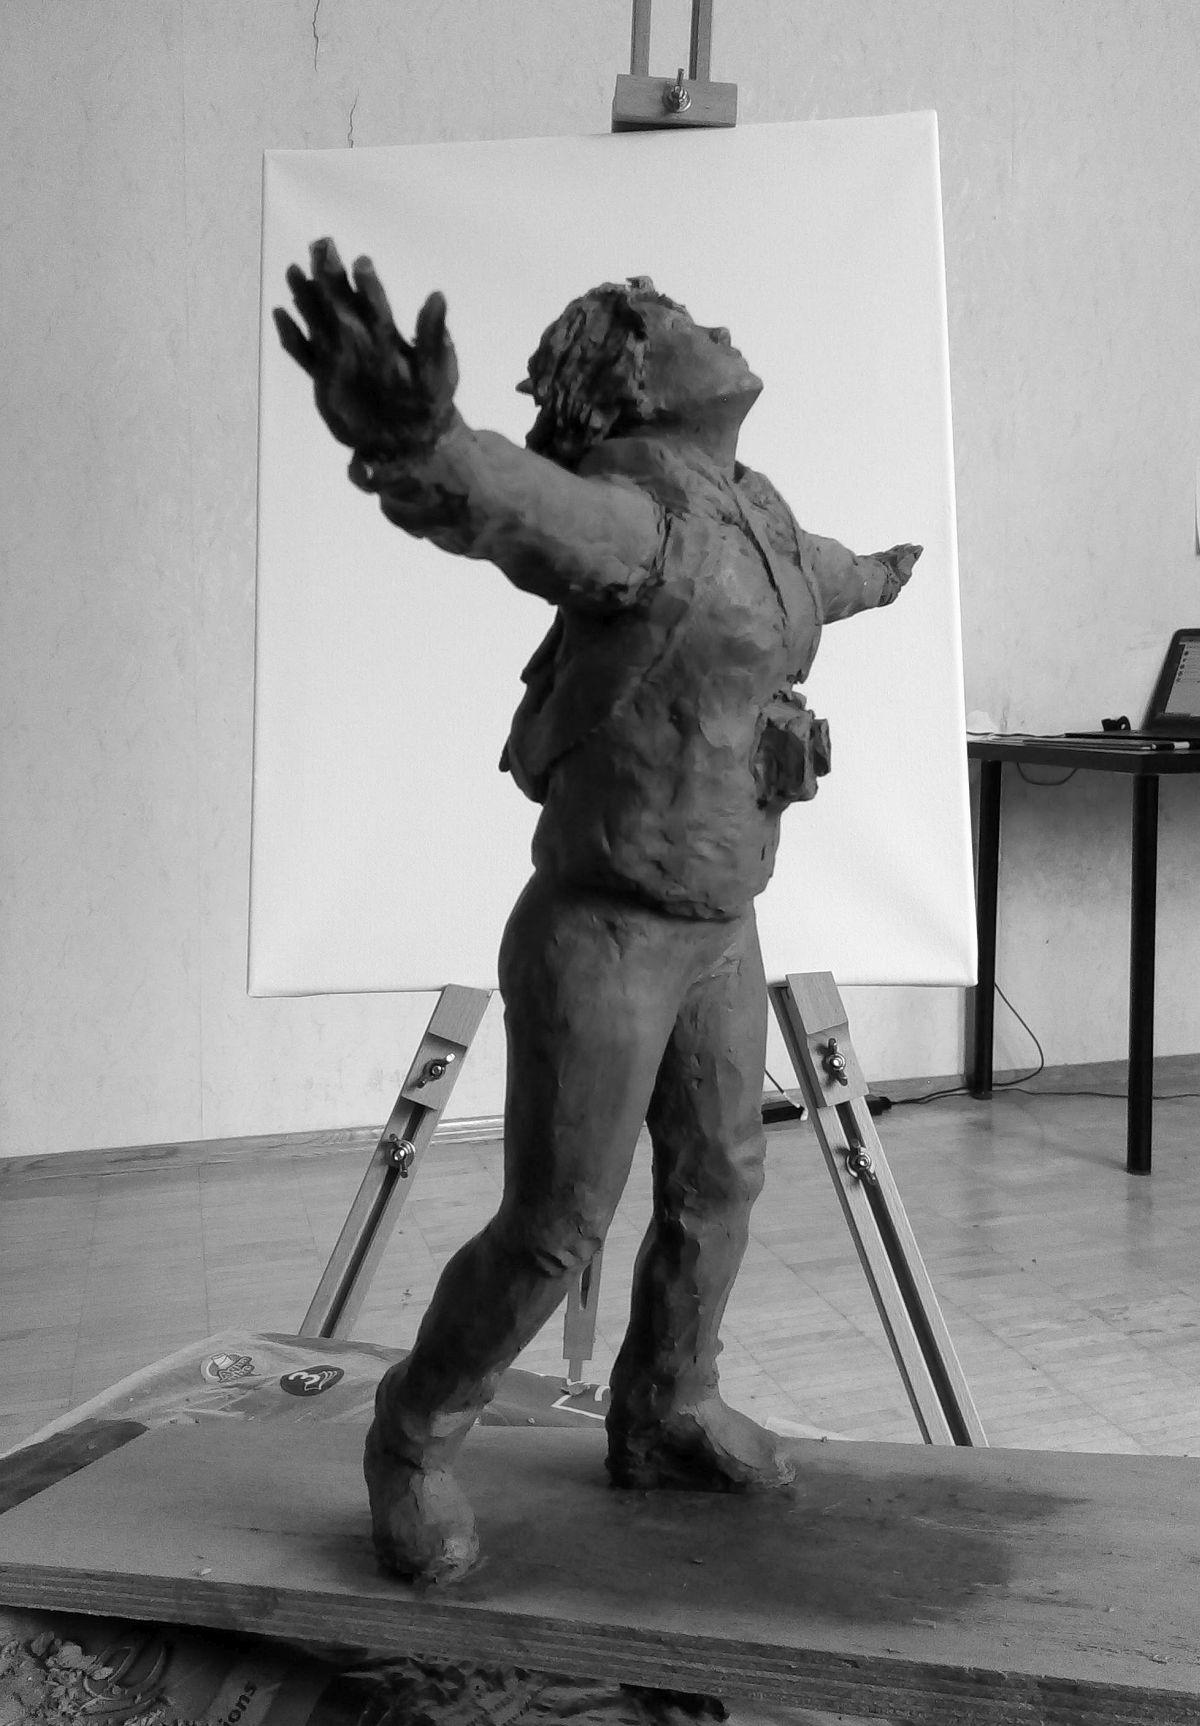 Эскиз памятника Ирине Славиной. Глина, 25 см. © Виктор Корб, 2021. Вид справа, снизу.